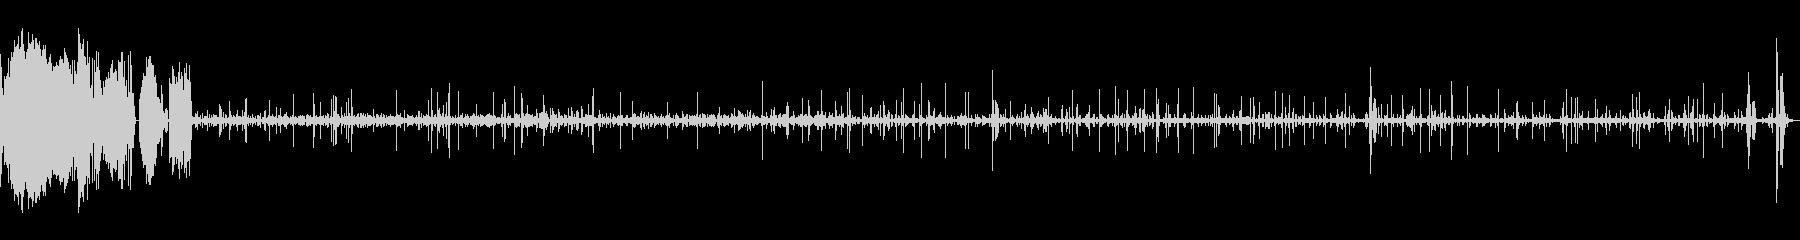 スクラッチCDの未再生の波形